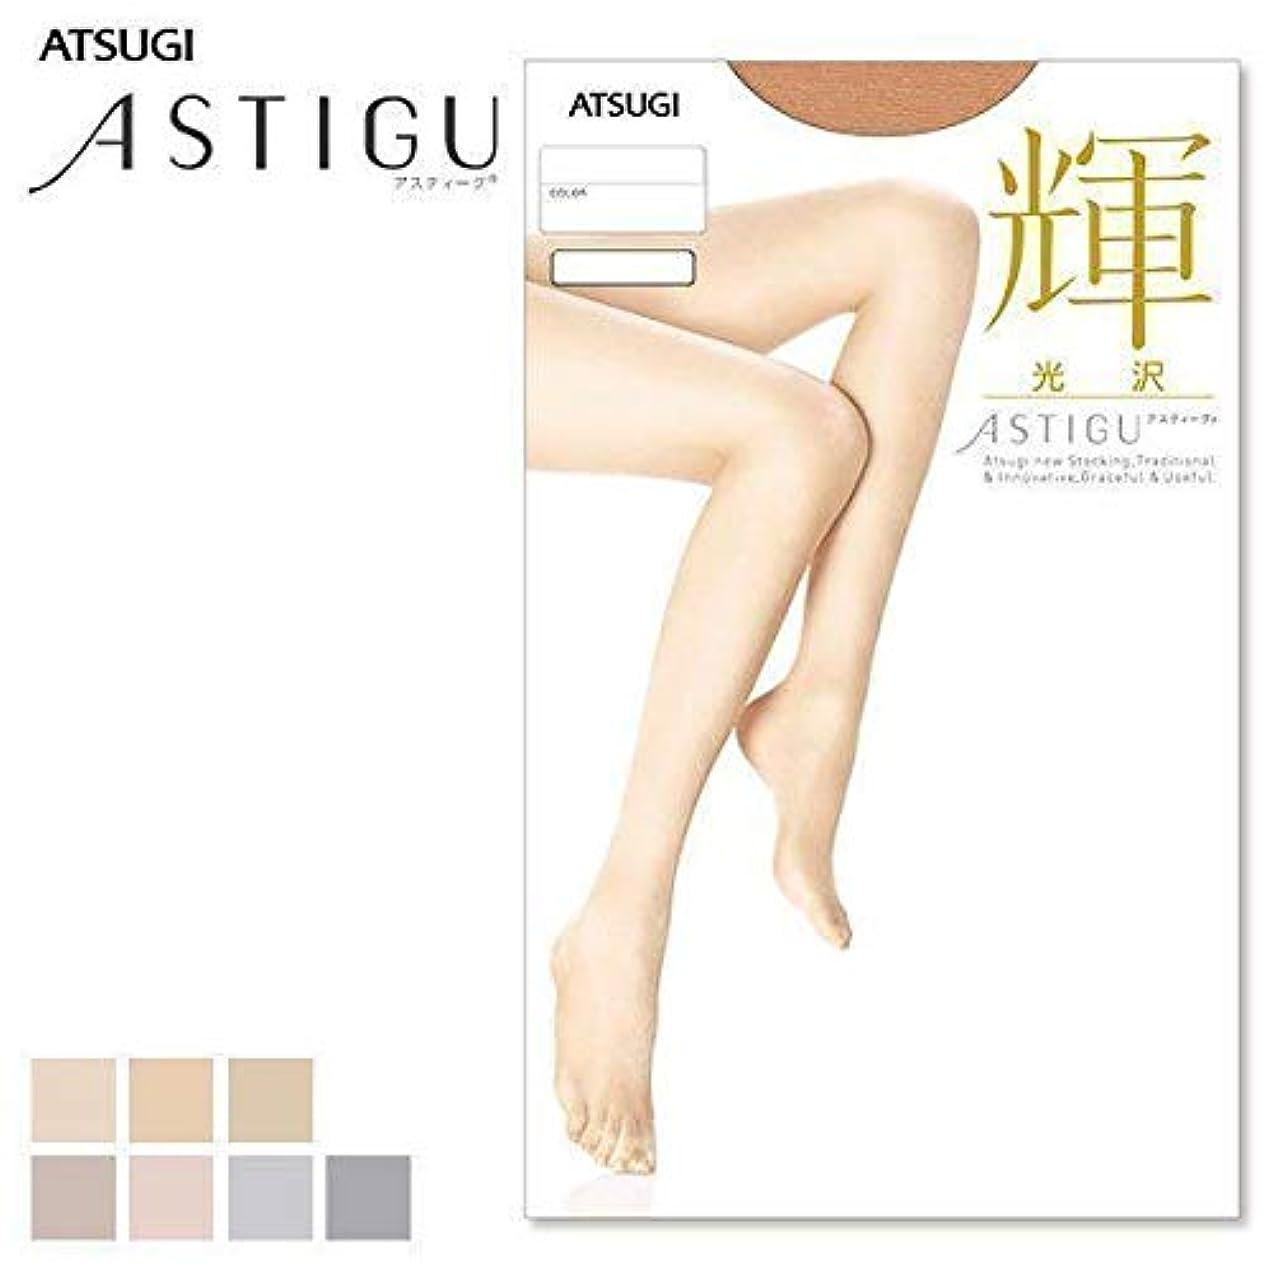 インポート侵入ダウンタウンアツギ ASTIGU(アスティーグ)輝(ヌーディベージュ)サイズ M~L